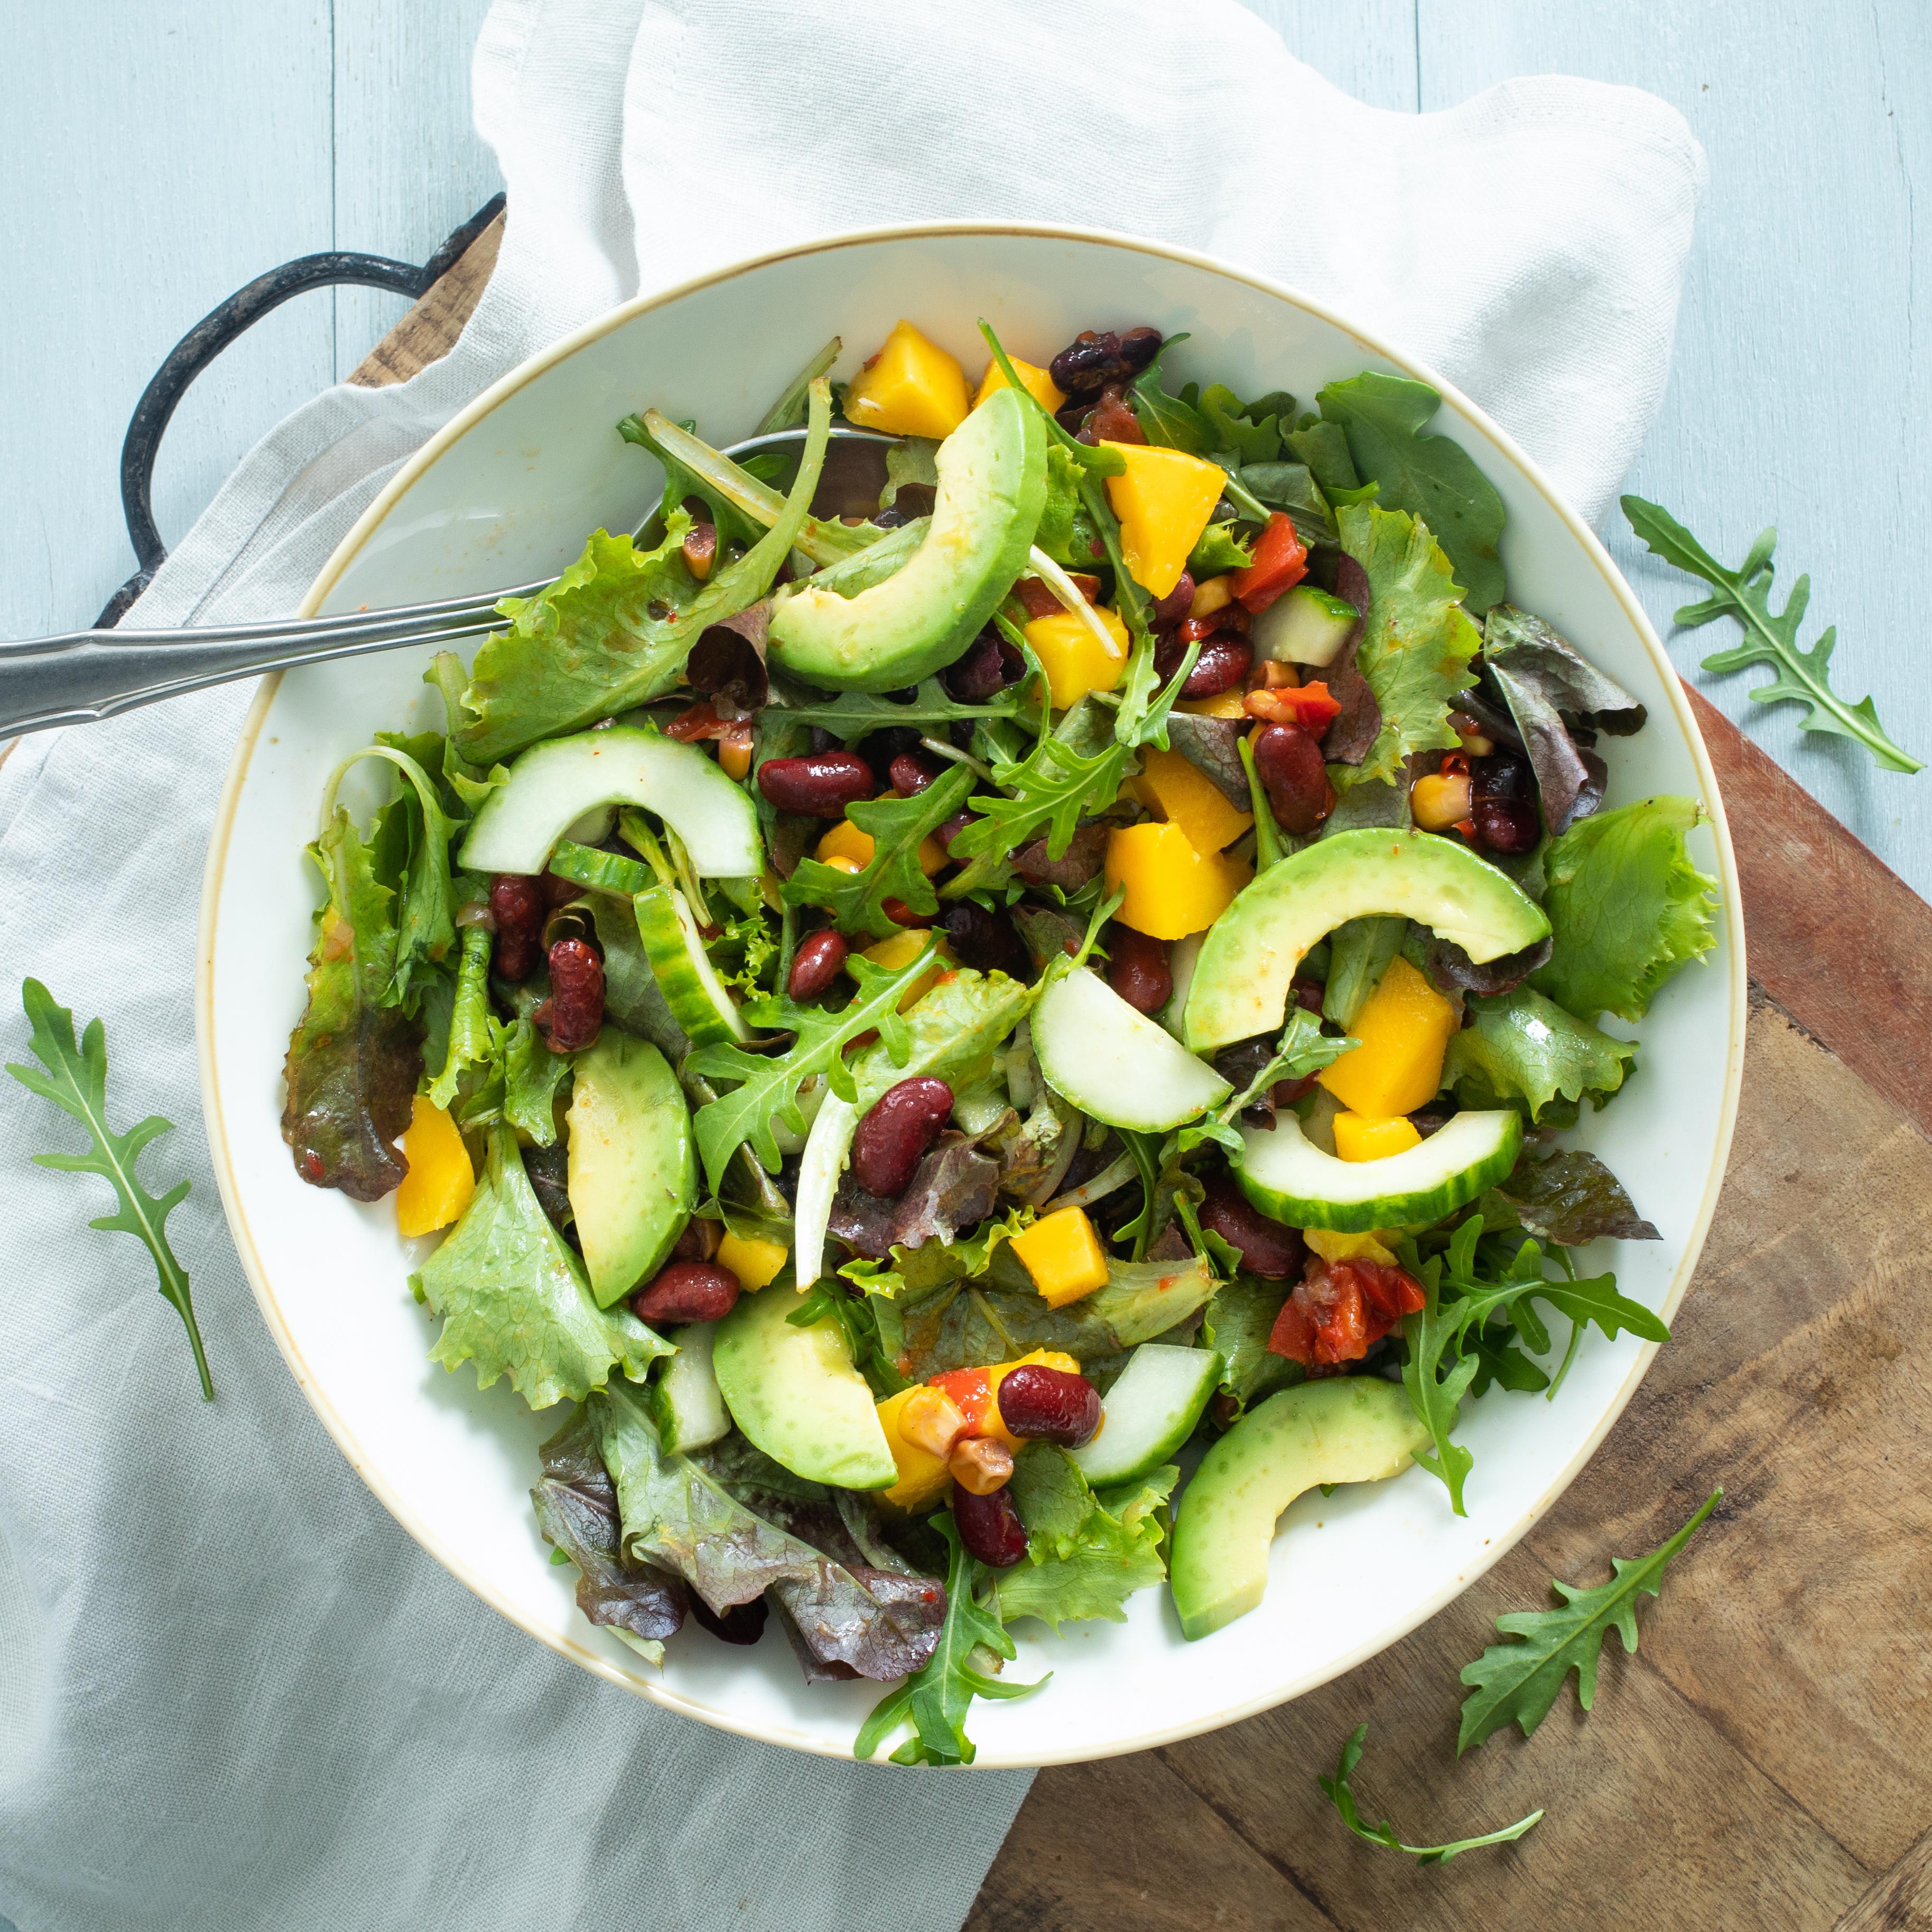 Hak Mex Salade Mango V